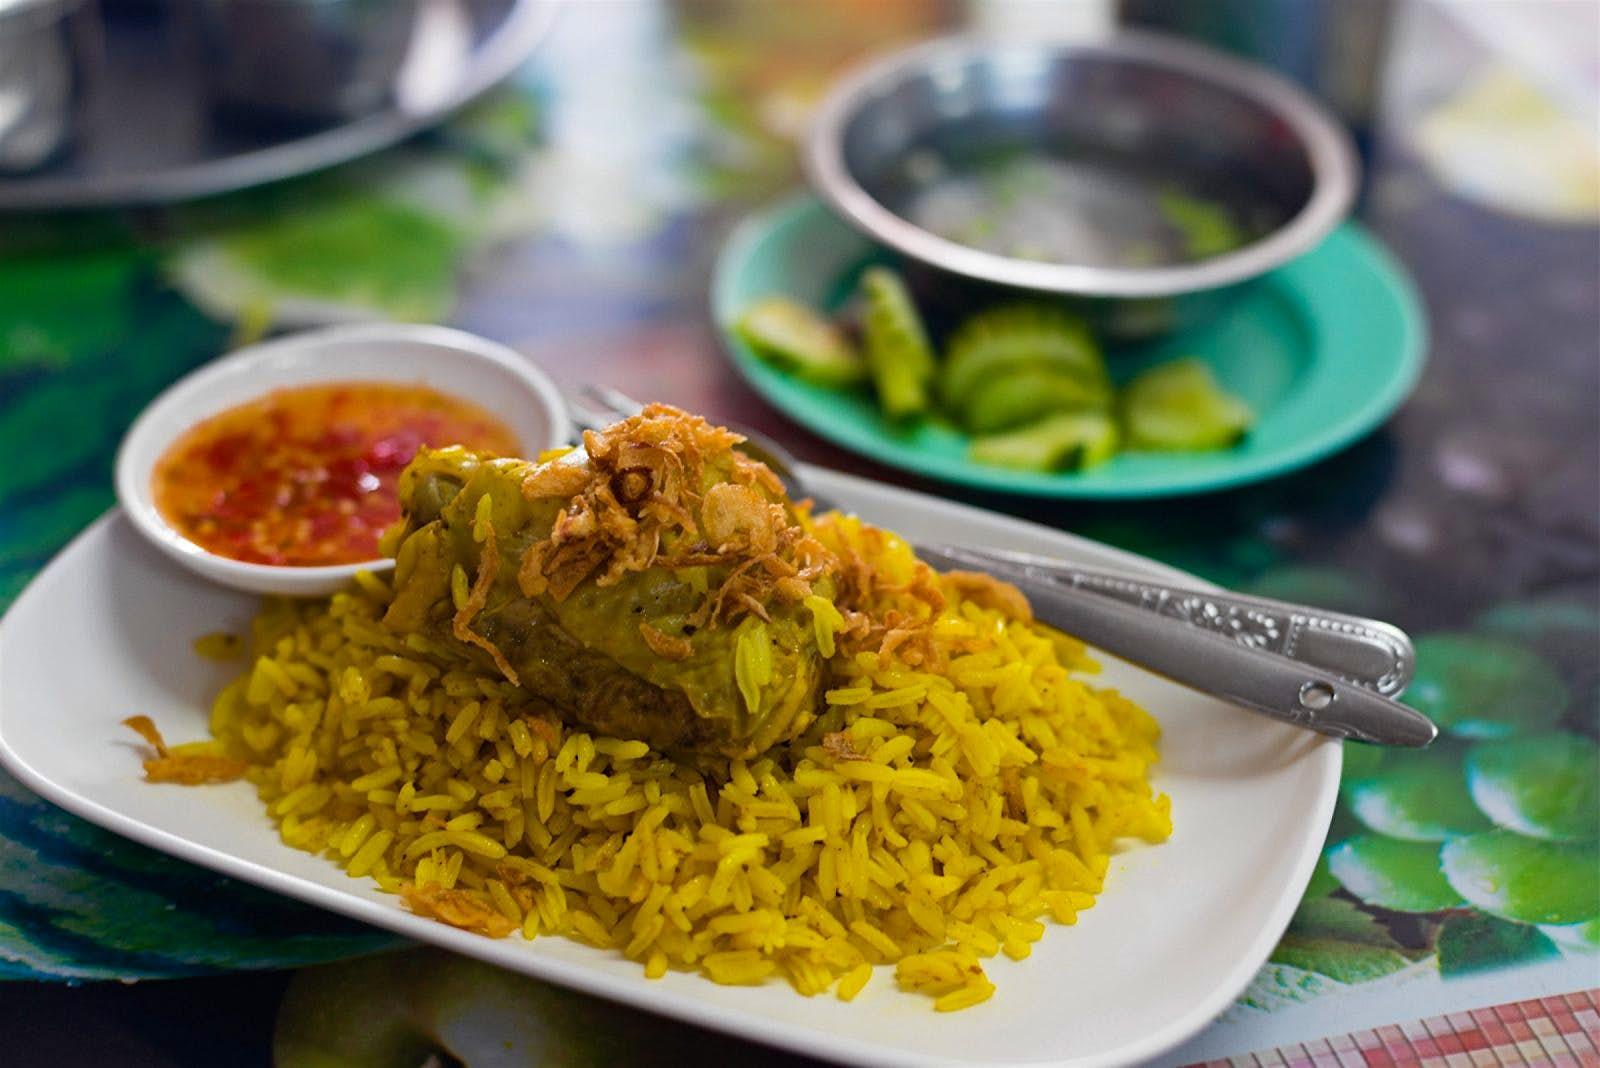 أشهر المأكولات التايلاندية في بانكوك  التي يجب على السياح تجربتها